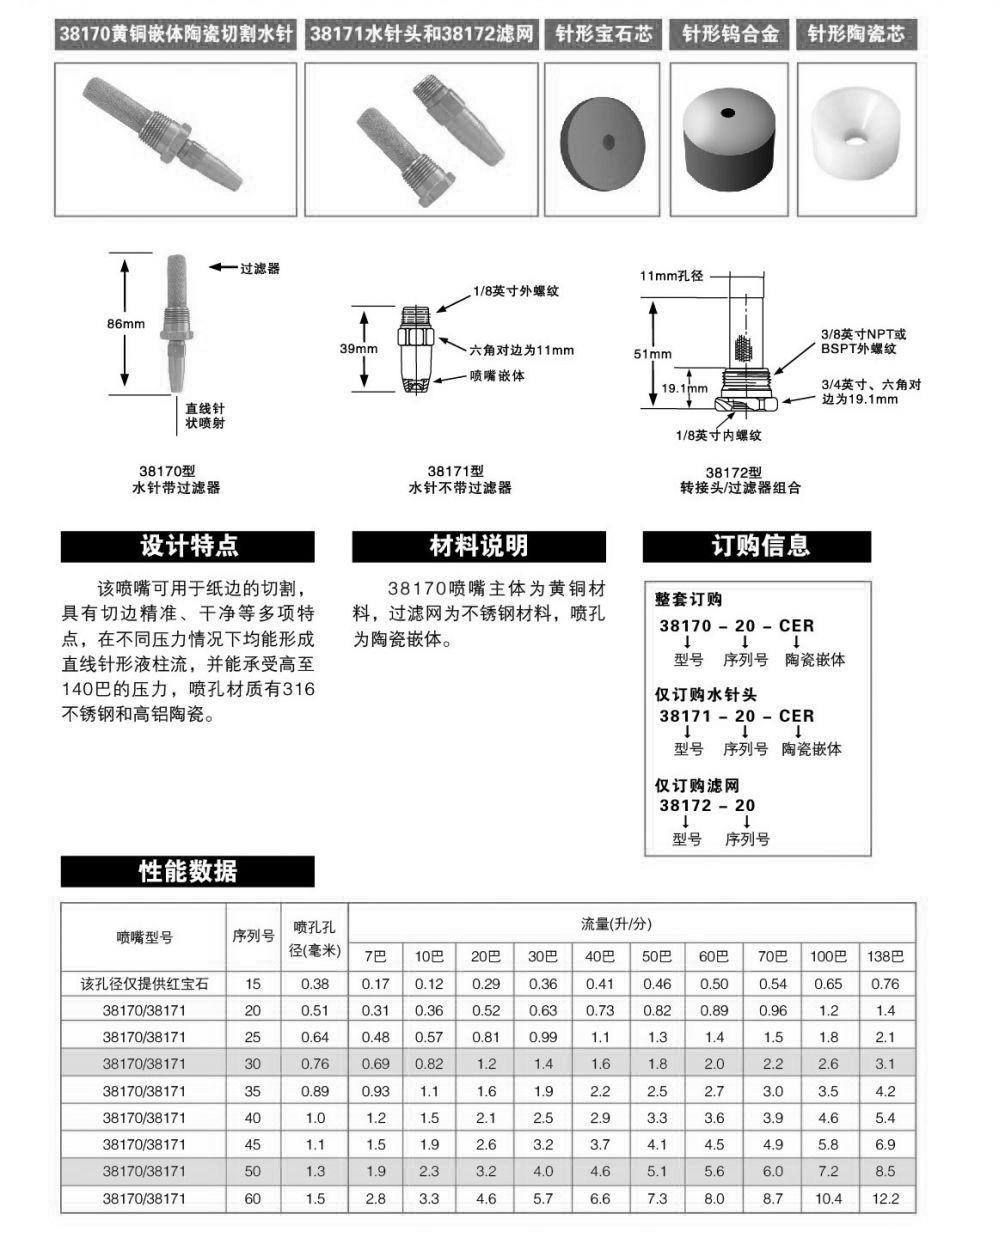 高压针形喷嘴性能数据1